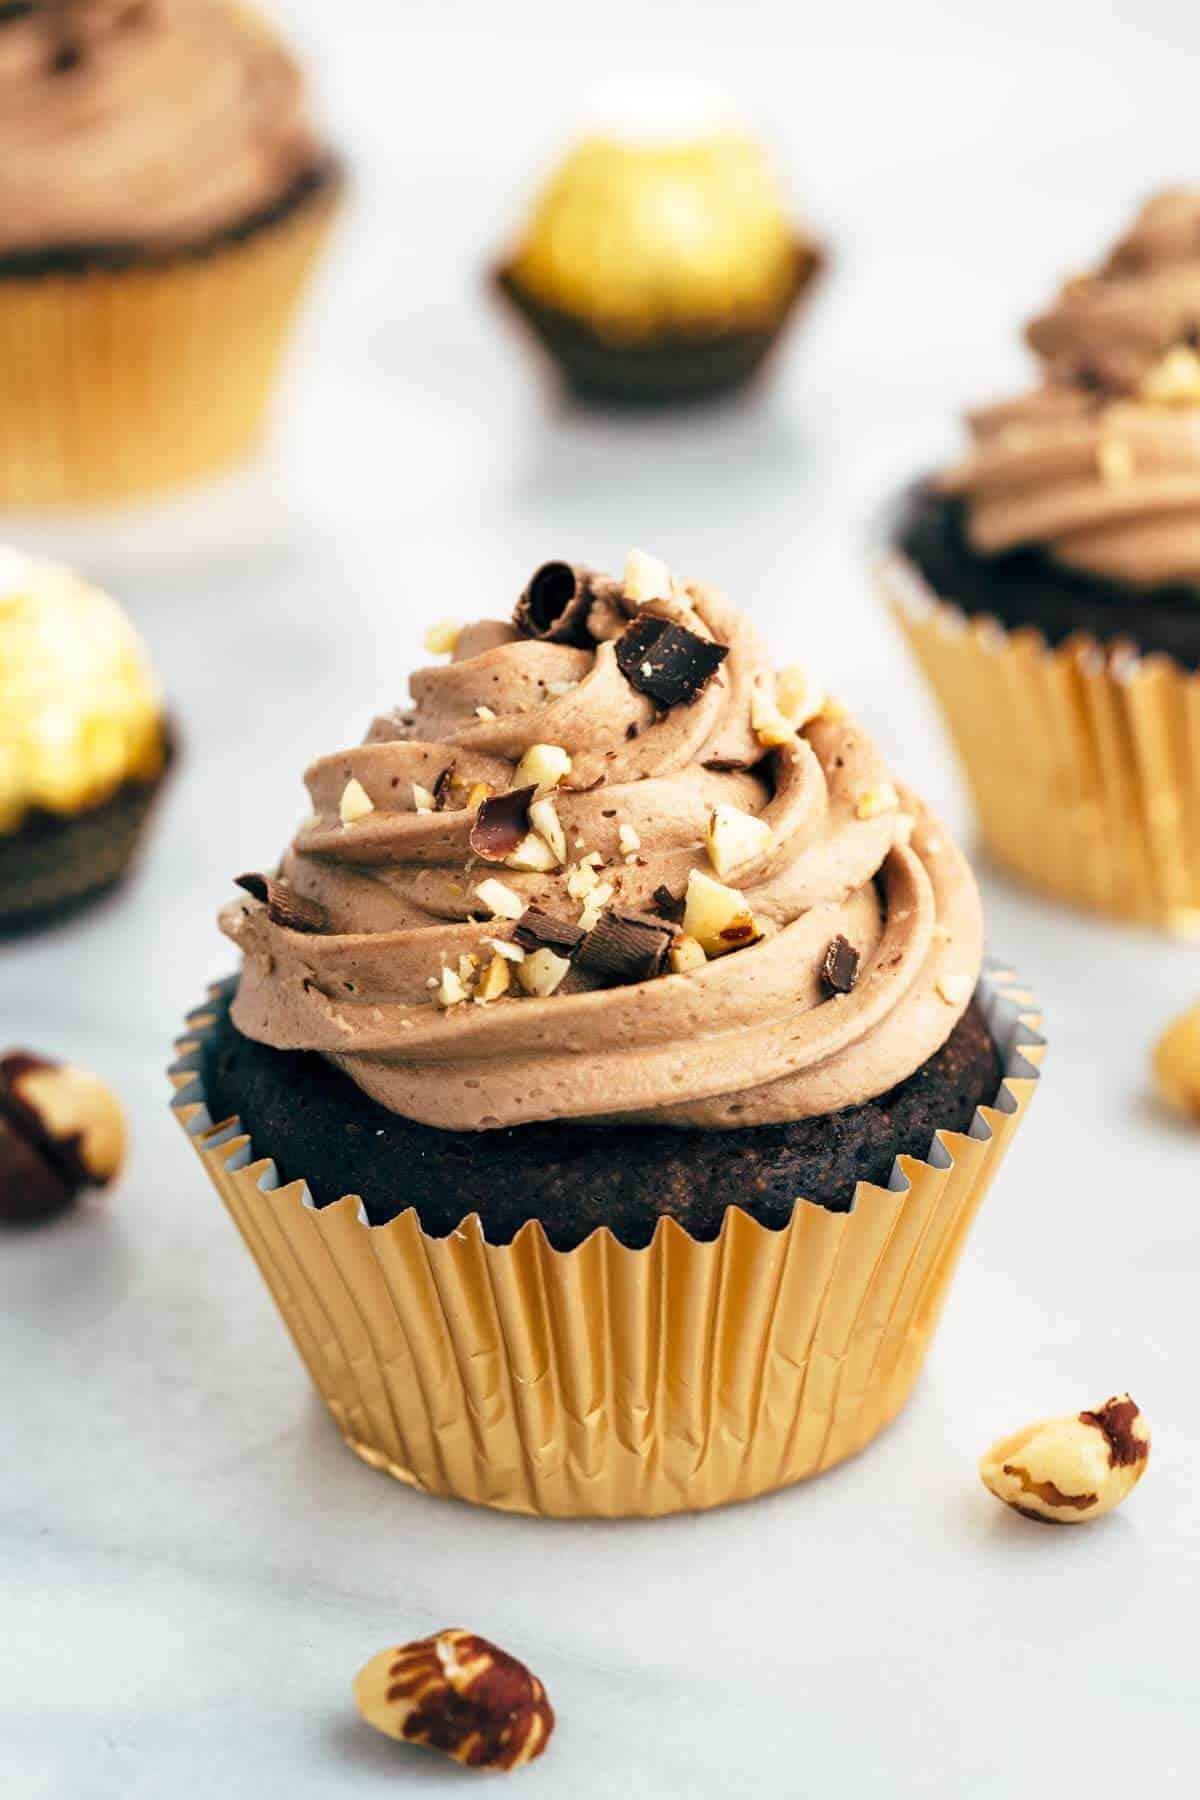 Chocolate Ganache Ferrero Rocher Inspired Cupcakes | Jessica Gavin